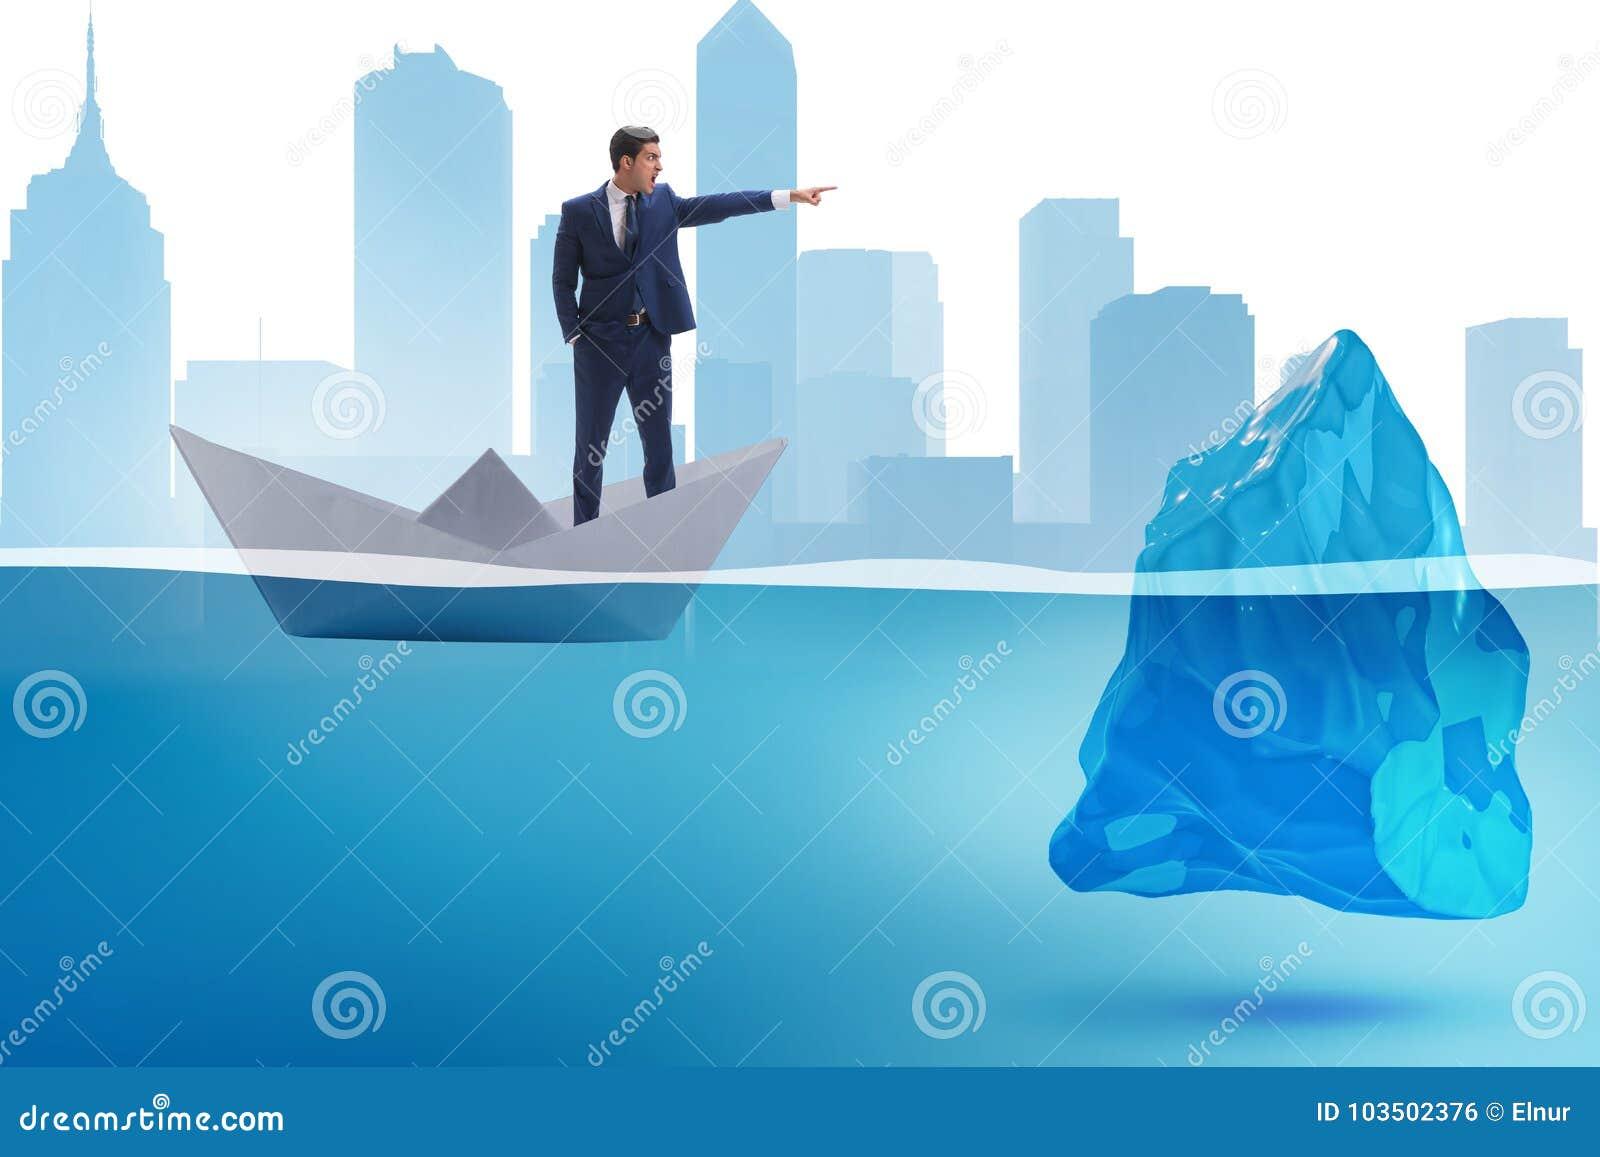 显示方向的商人避免问题作为冰山